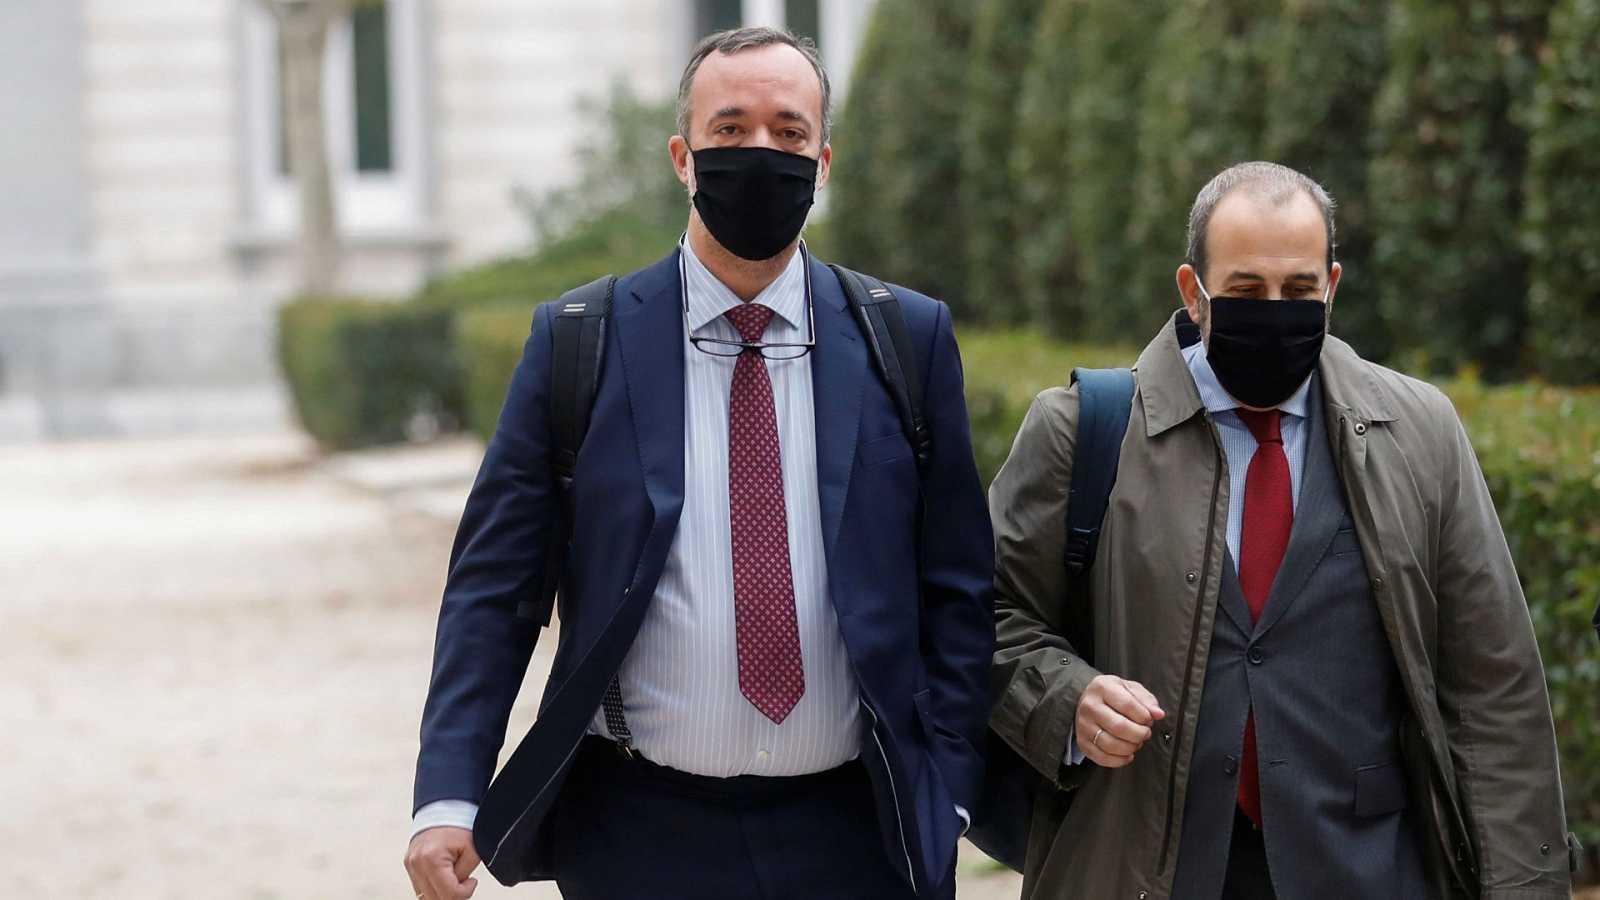 4 horas - El exnúmero 2 de Interior señala al exministro Fernández Díaz como ideólogo para espiar a Bárcenas - Escuchar ahora